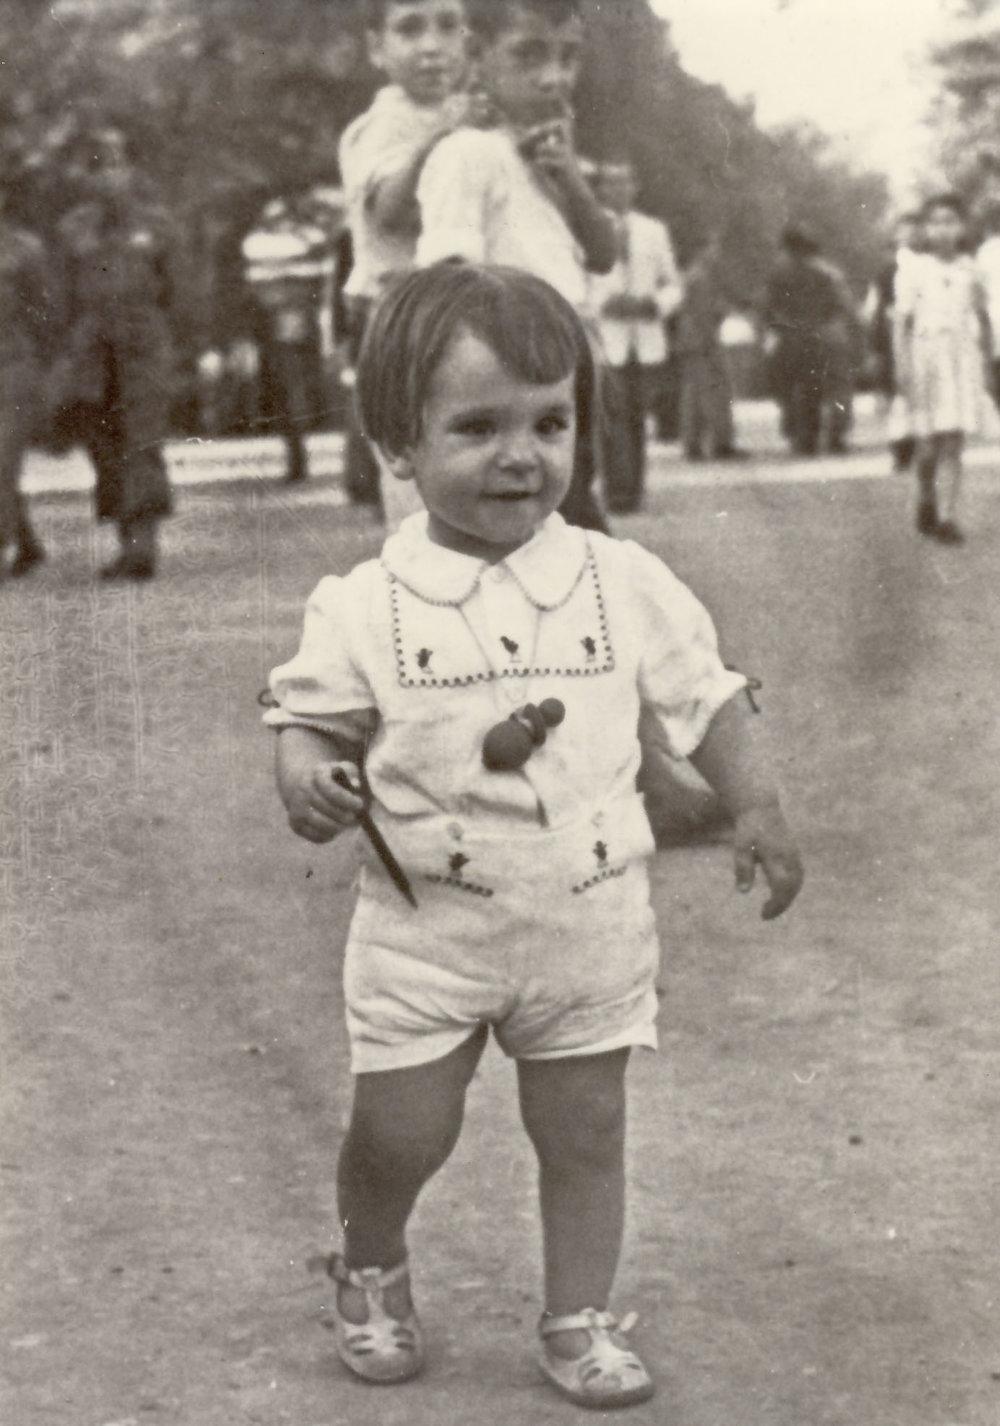 Pepe in Malaga 1946